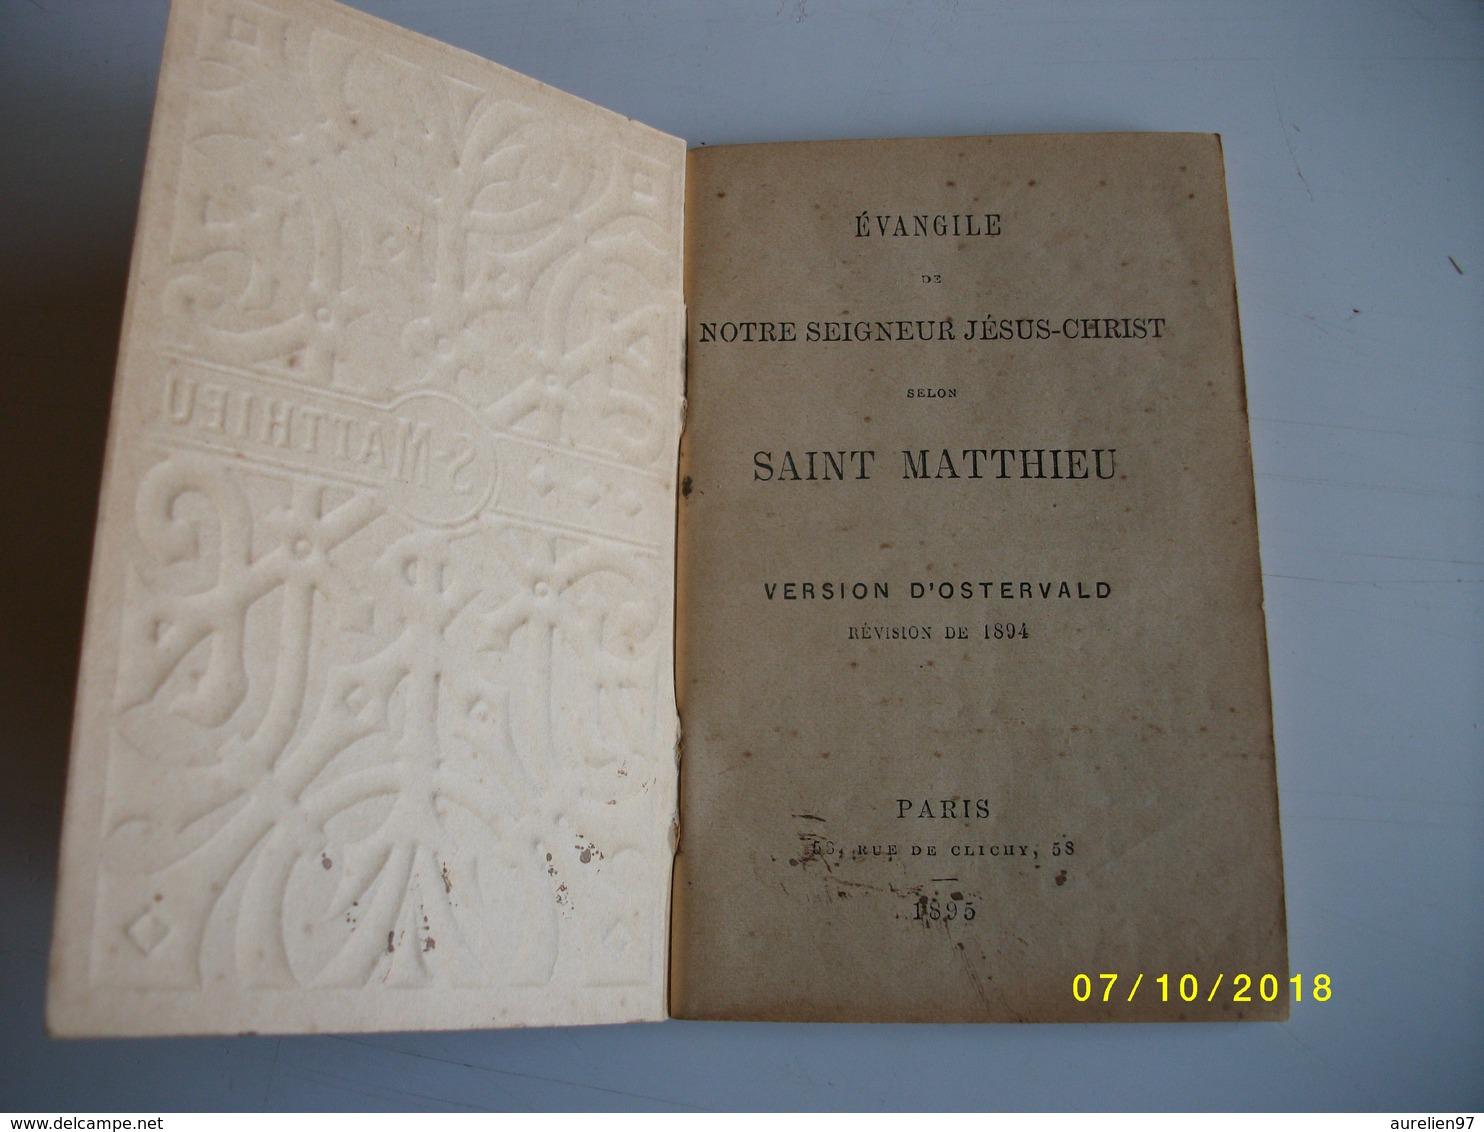 évangilr De Notre Seigneur JESUS CHRIST Selon Saint MATTHIEU 1895 - Livres, BD, Revues